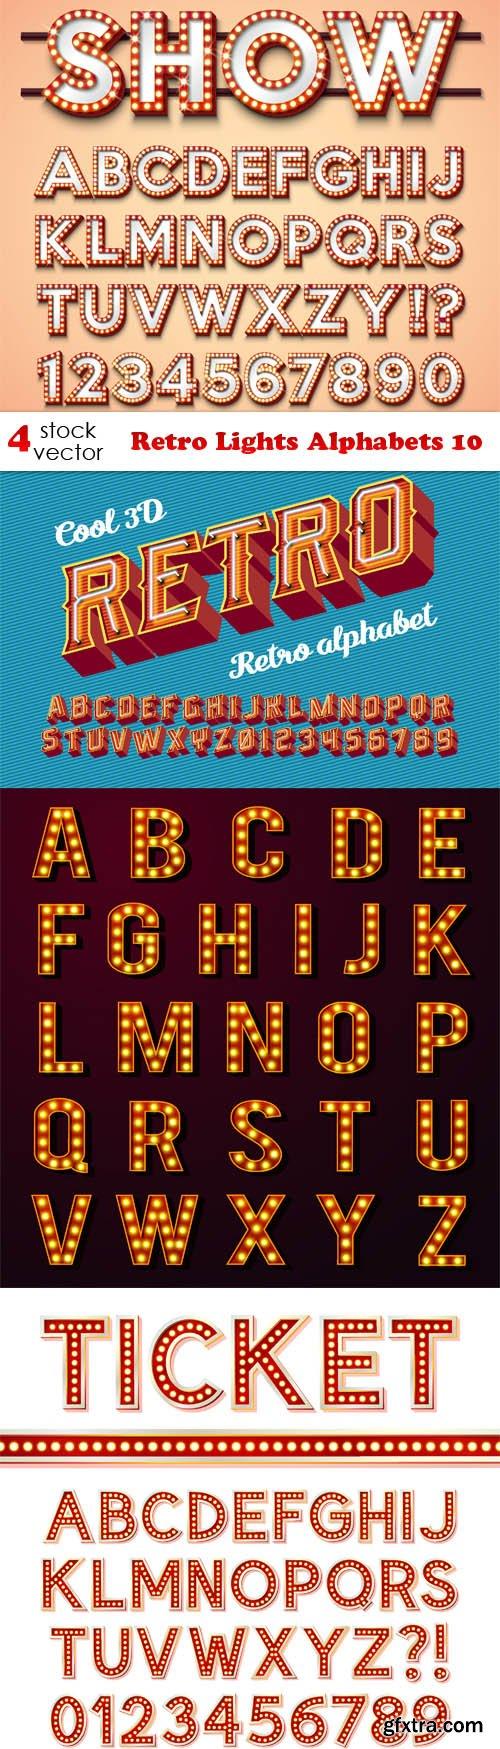 Vectors - Retro Lights Alphabets 10